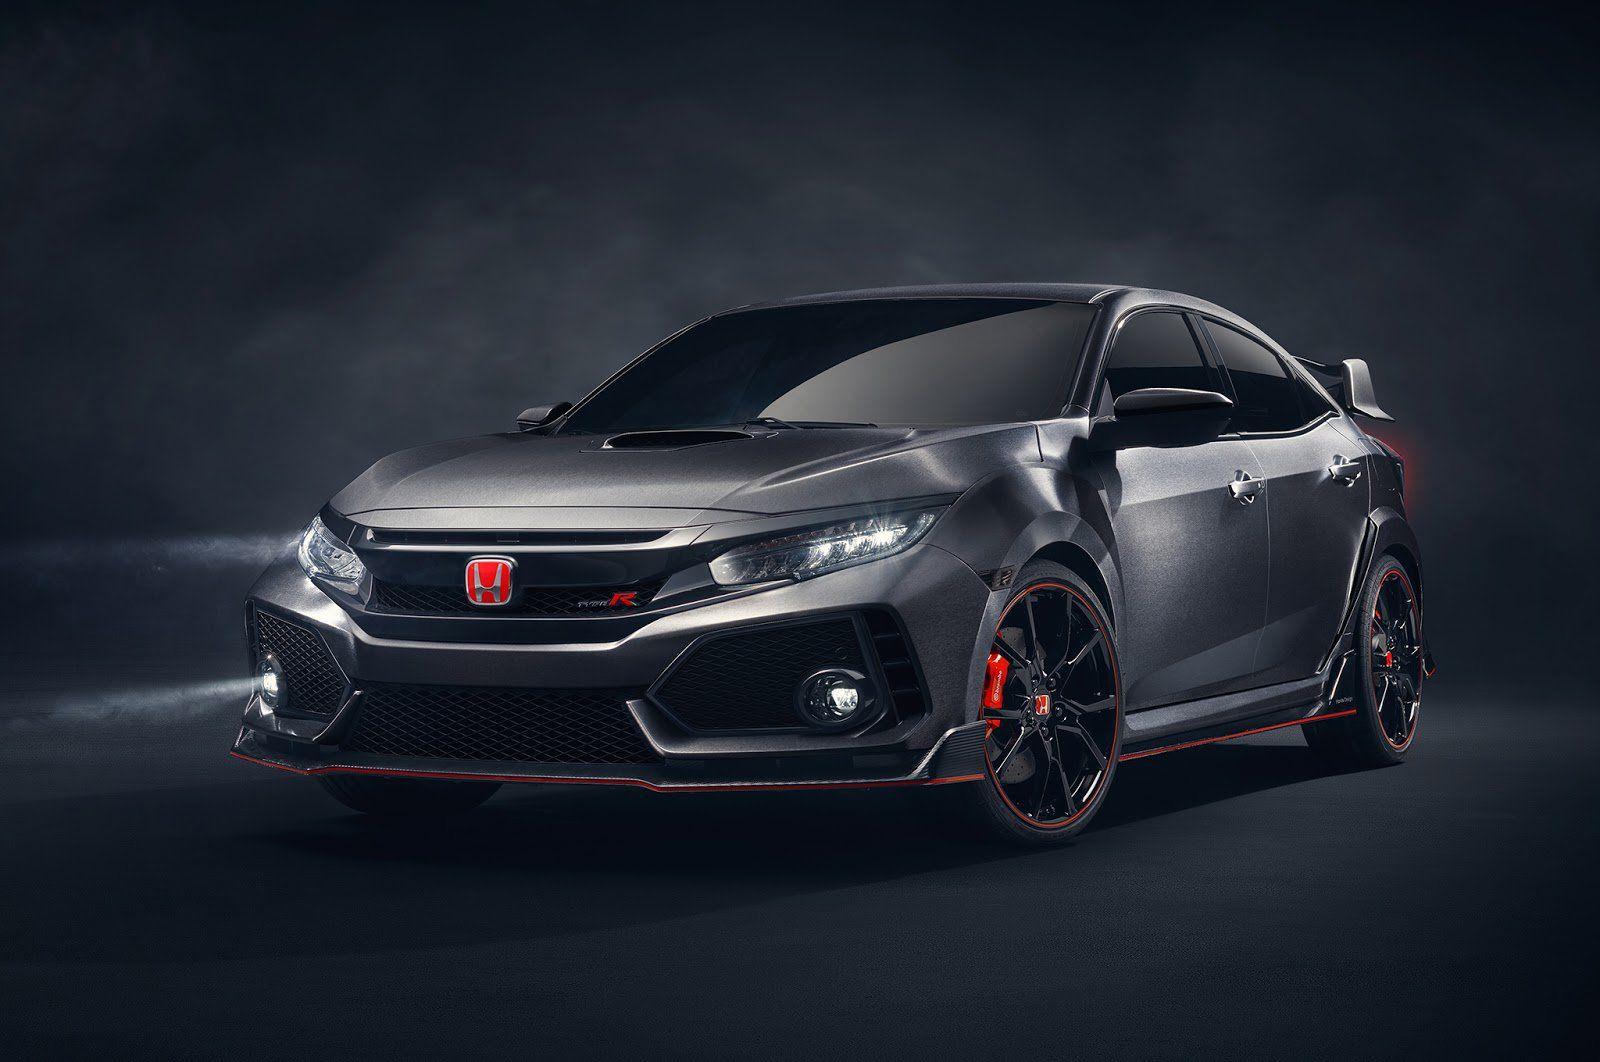 2018 Honda Civic Type R Price Specs Interior 2018 2019 Car Review Honda Civic Type R Honda Civic Honda Civic Hatchback